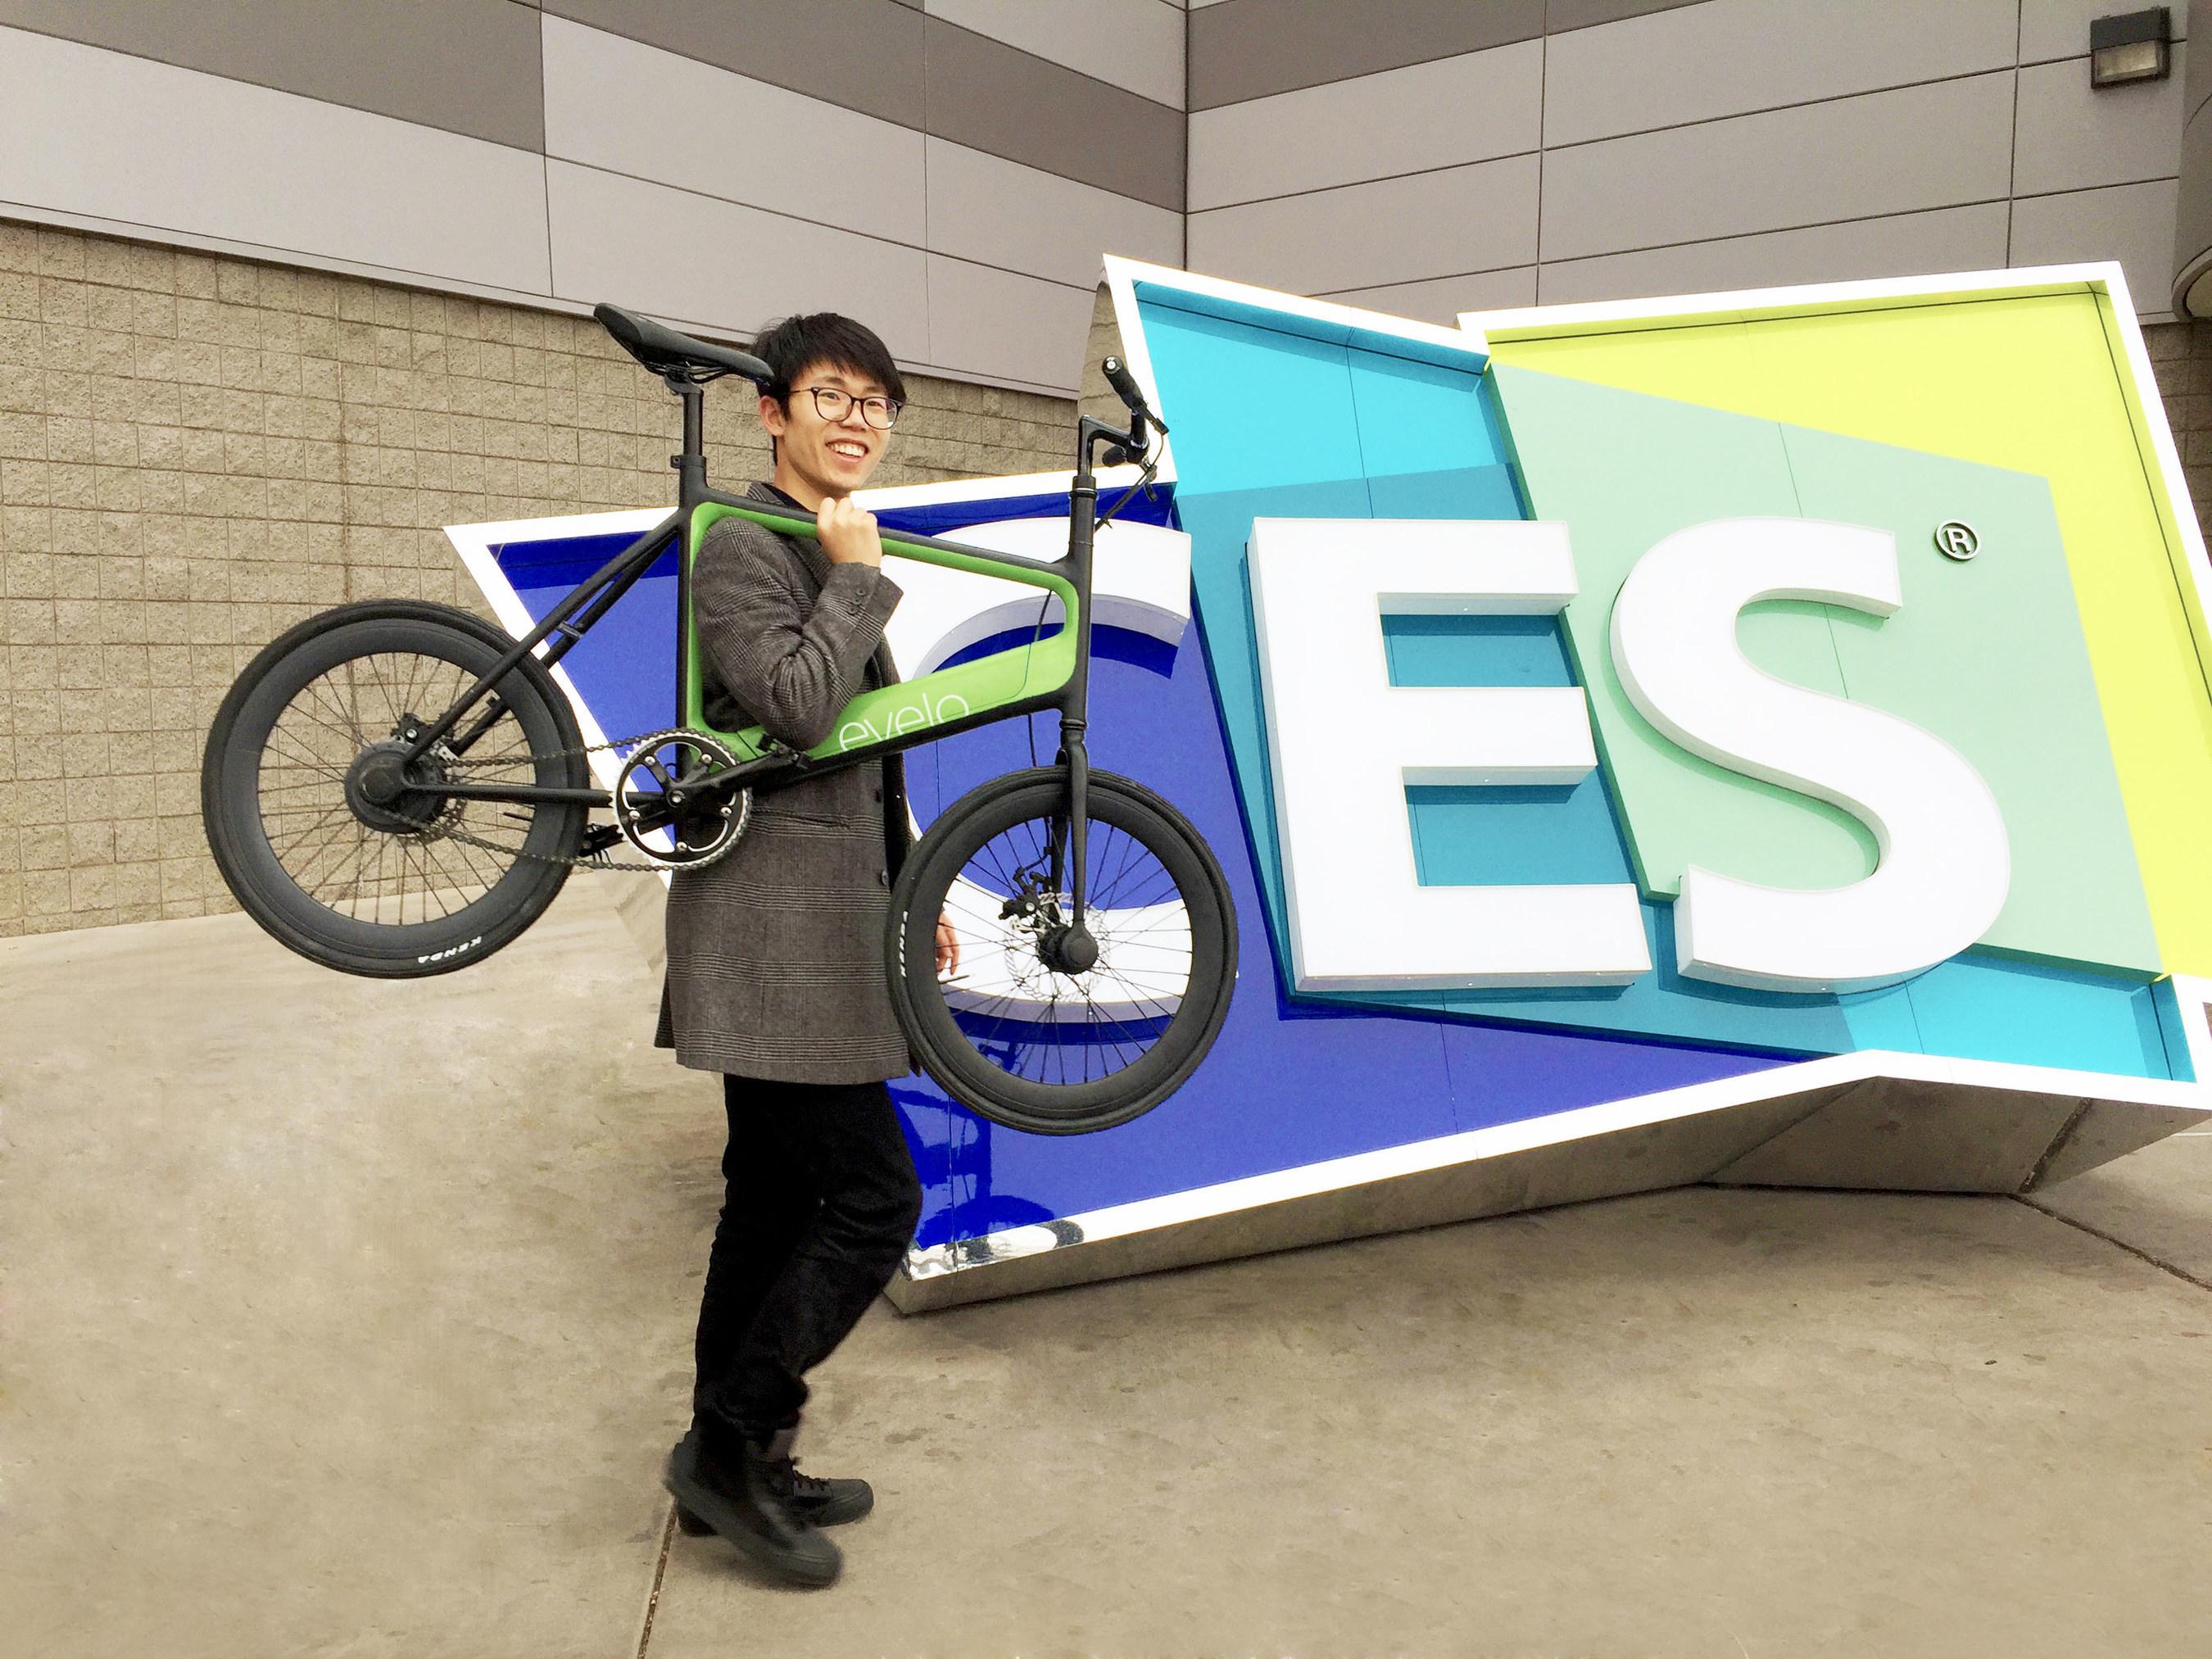 Yunmake CEO Qiu Yiwu with the Yunma EVELO e-bike